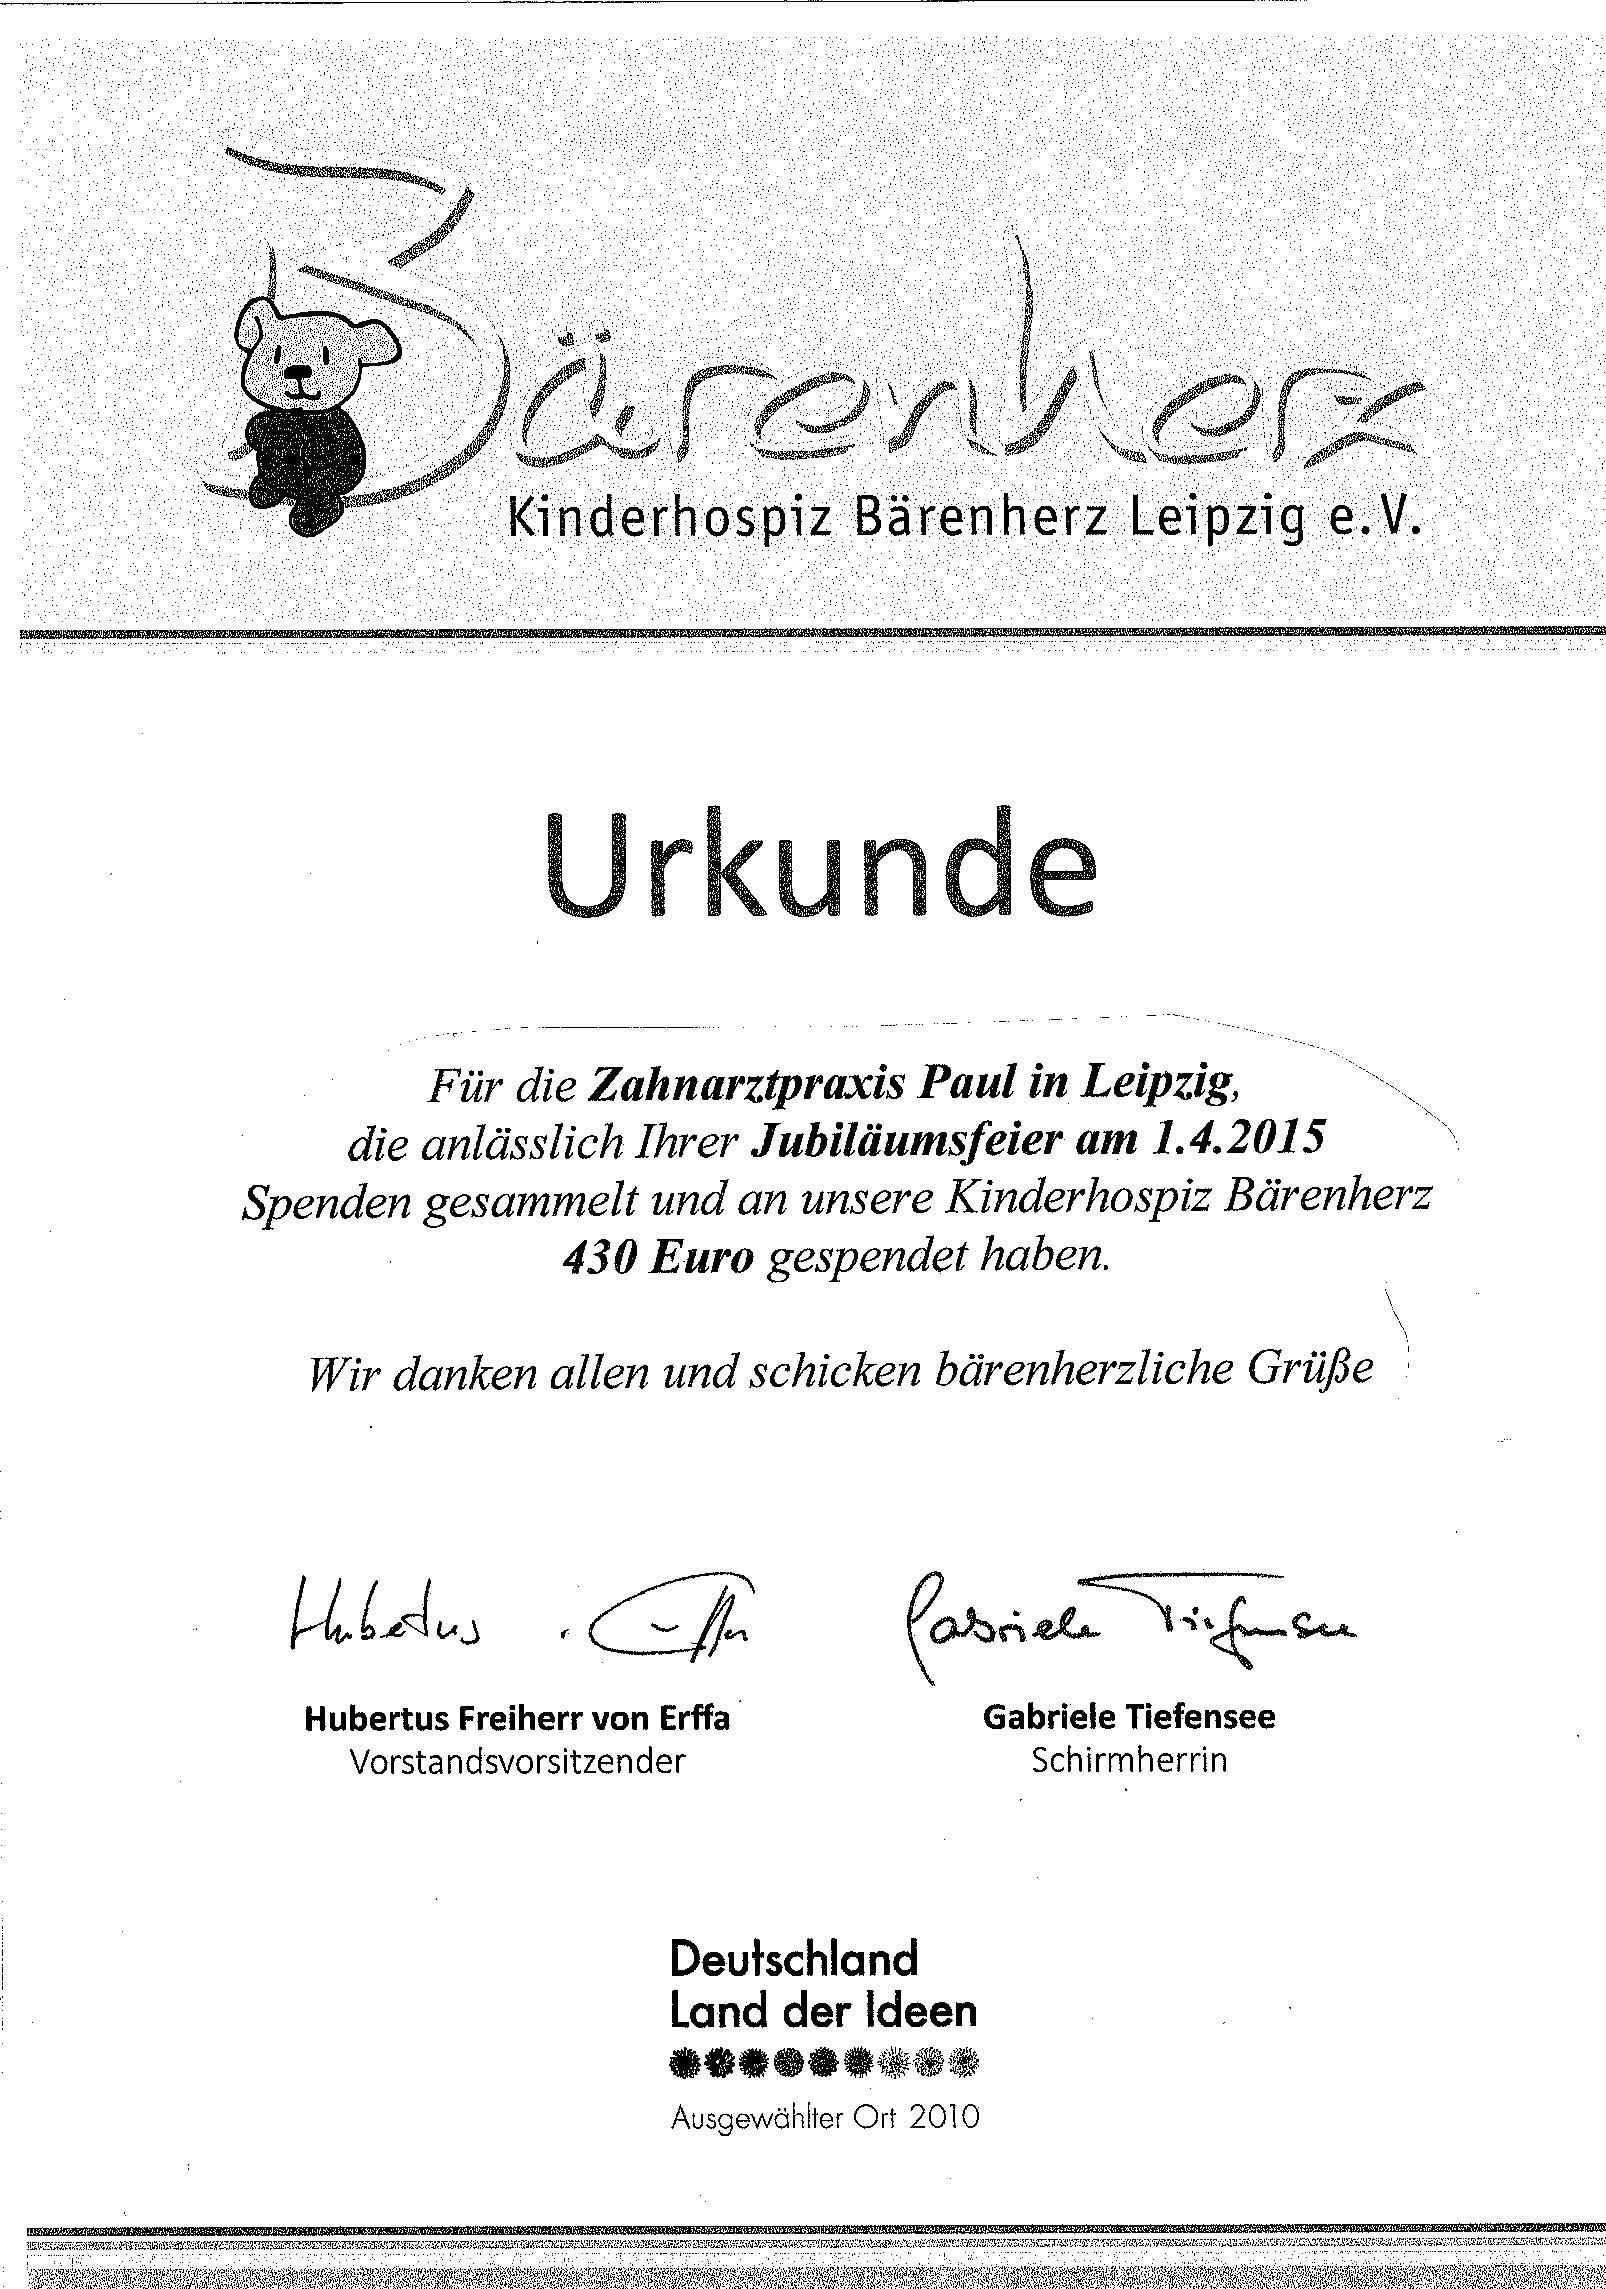 Urkunde Bärenherz